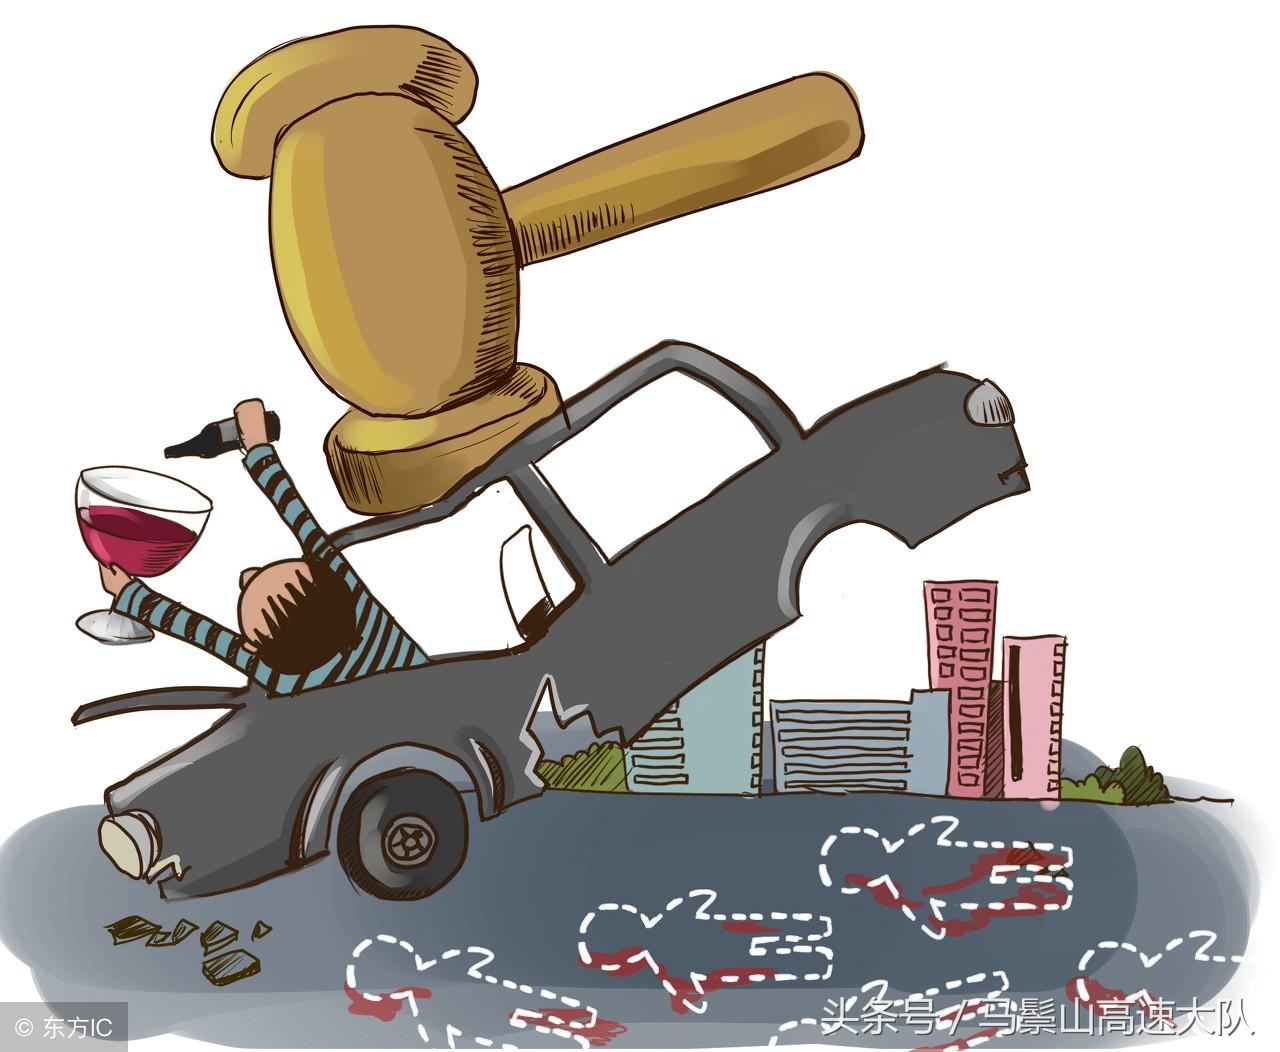 酒驾和醉驾的判定标准